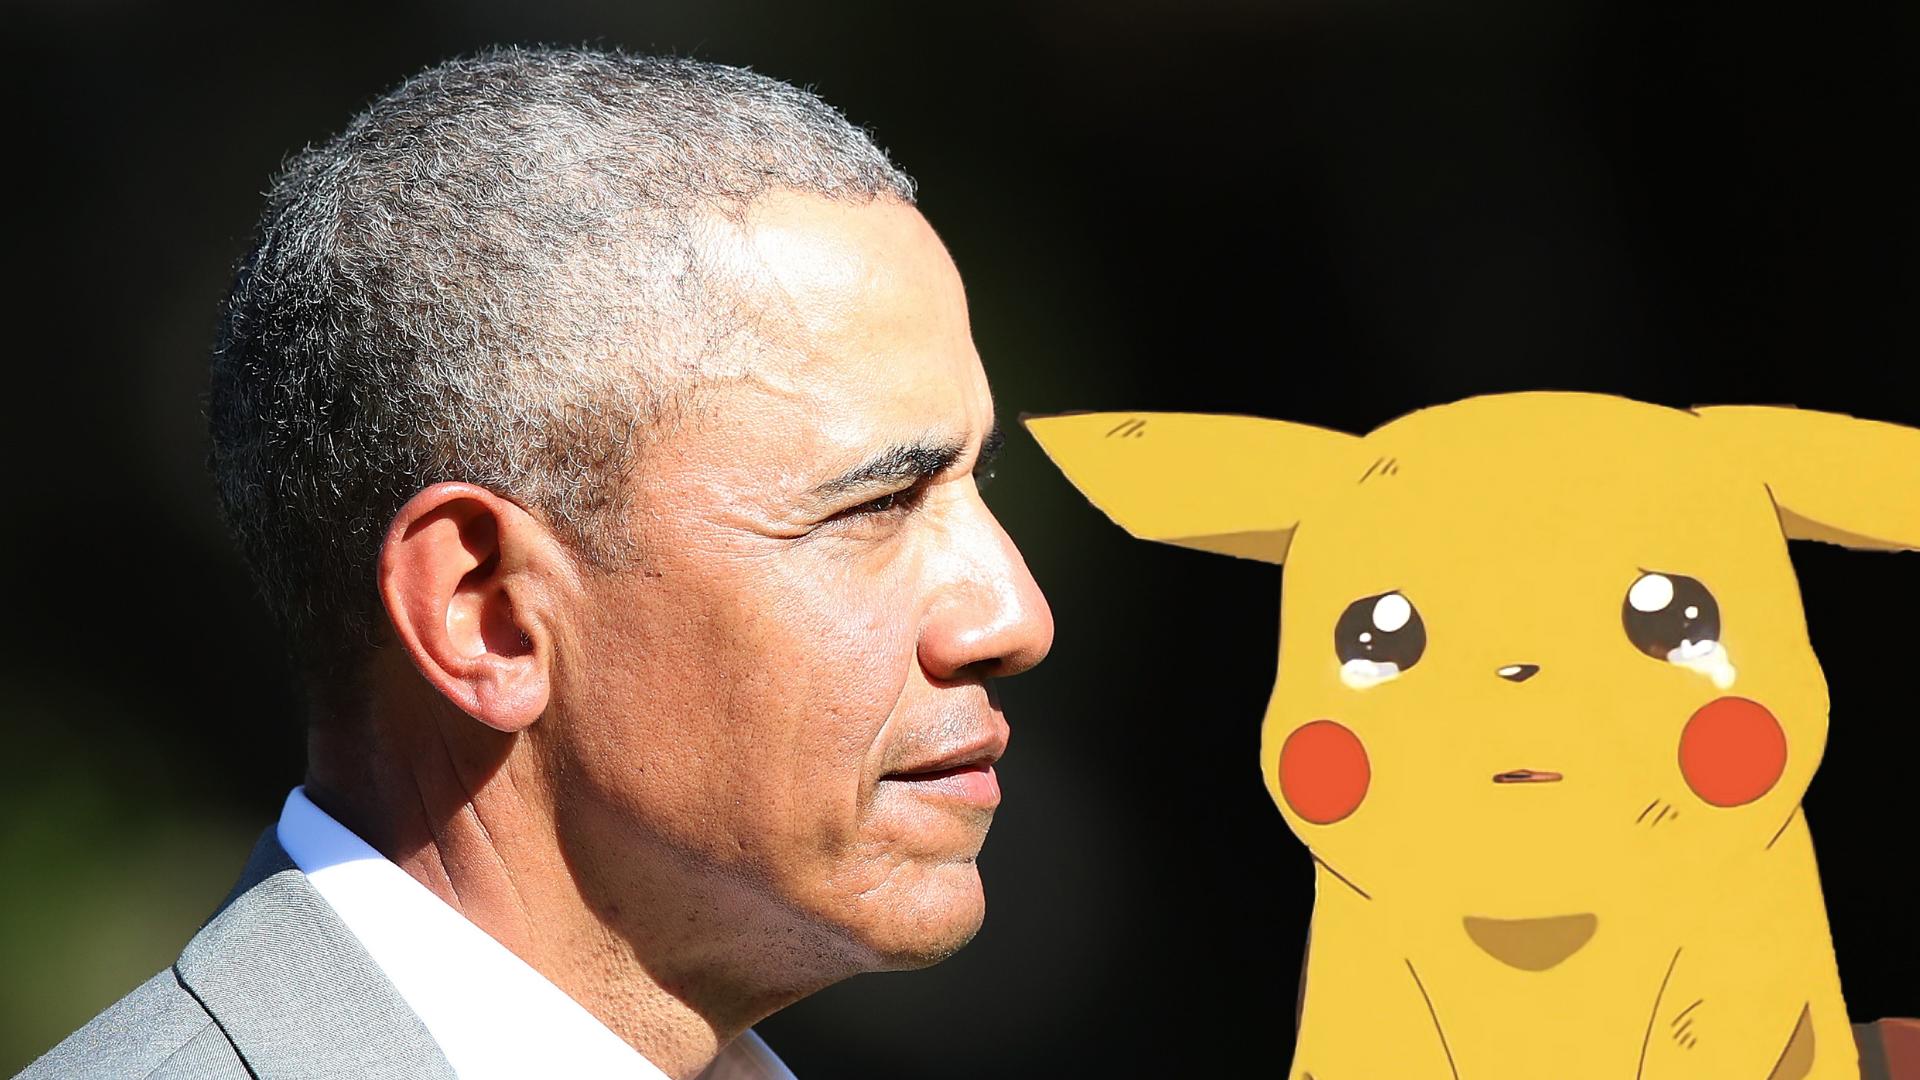 President Obama: 'I don't care about Pokémon' - Polygon